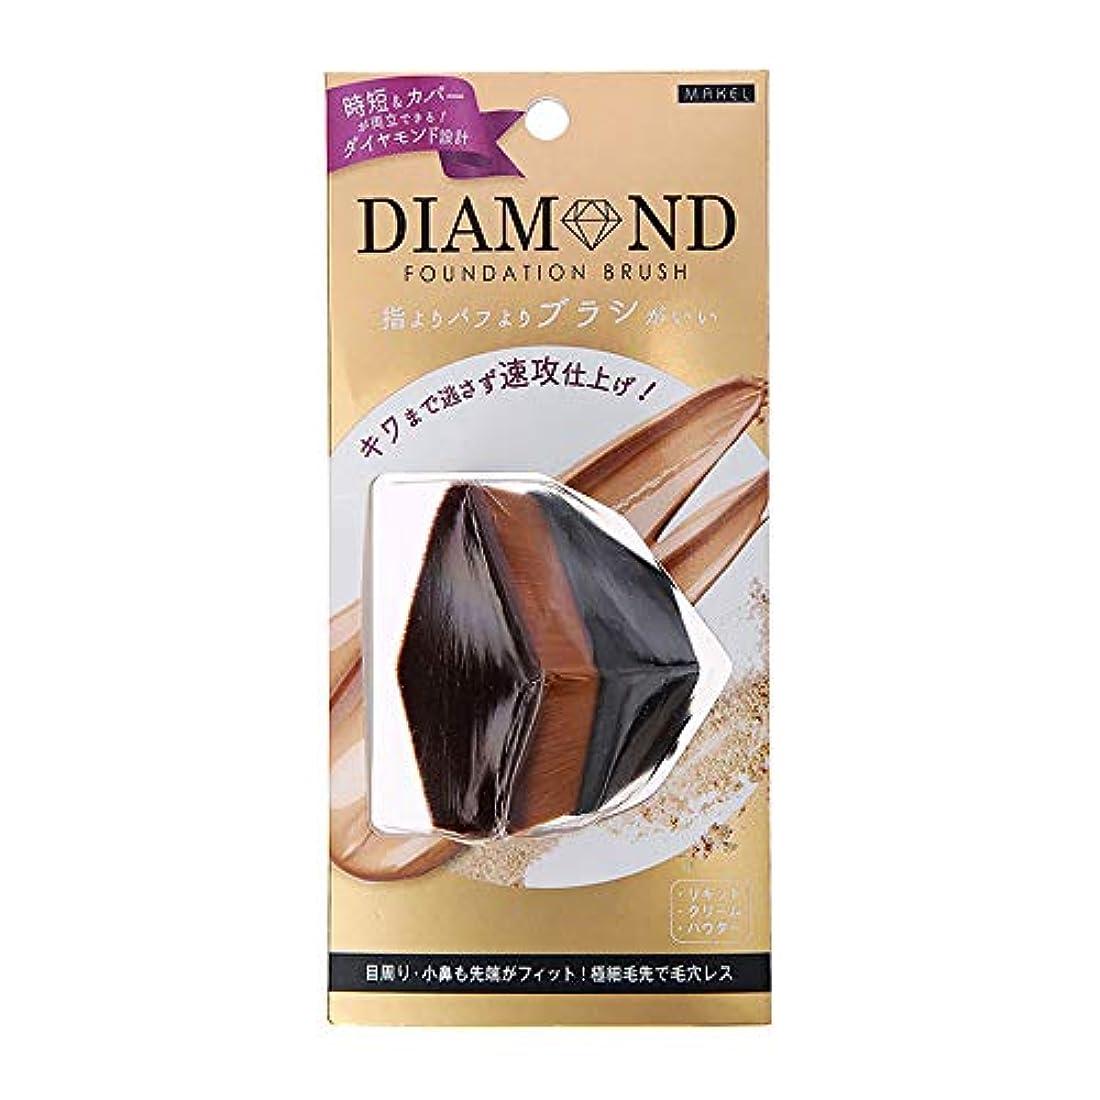 処方マングル定義ダイヤモンドファンデーションブラシ(ブラック) DIB1500